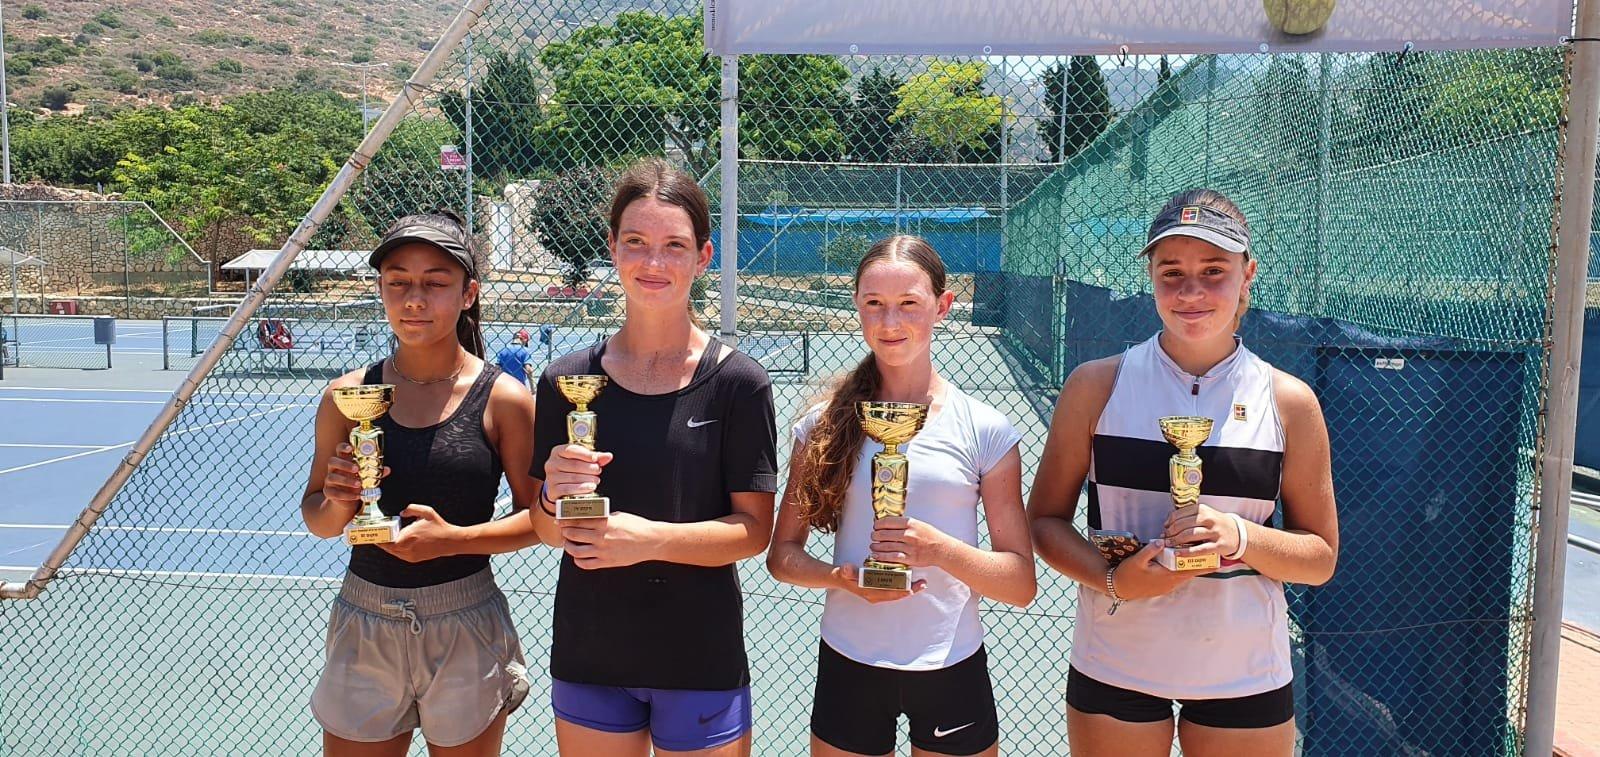 بطلة التنس الأرضي كاريمان بقاعي تواصل التحليق وتفوز بالمرتبة الثانية قطريًا-4